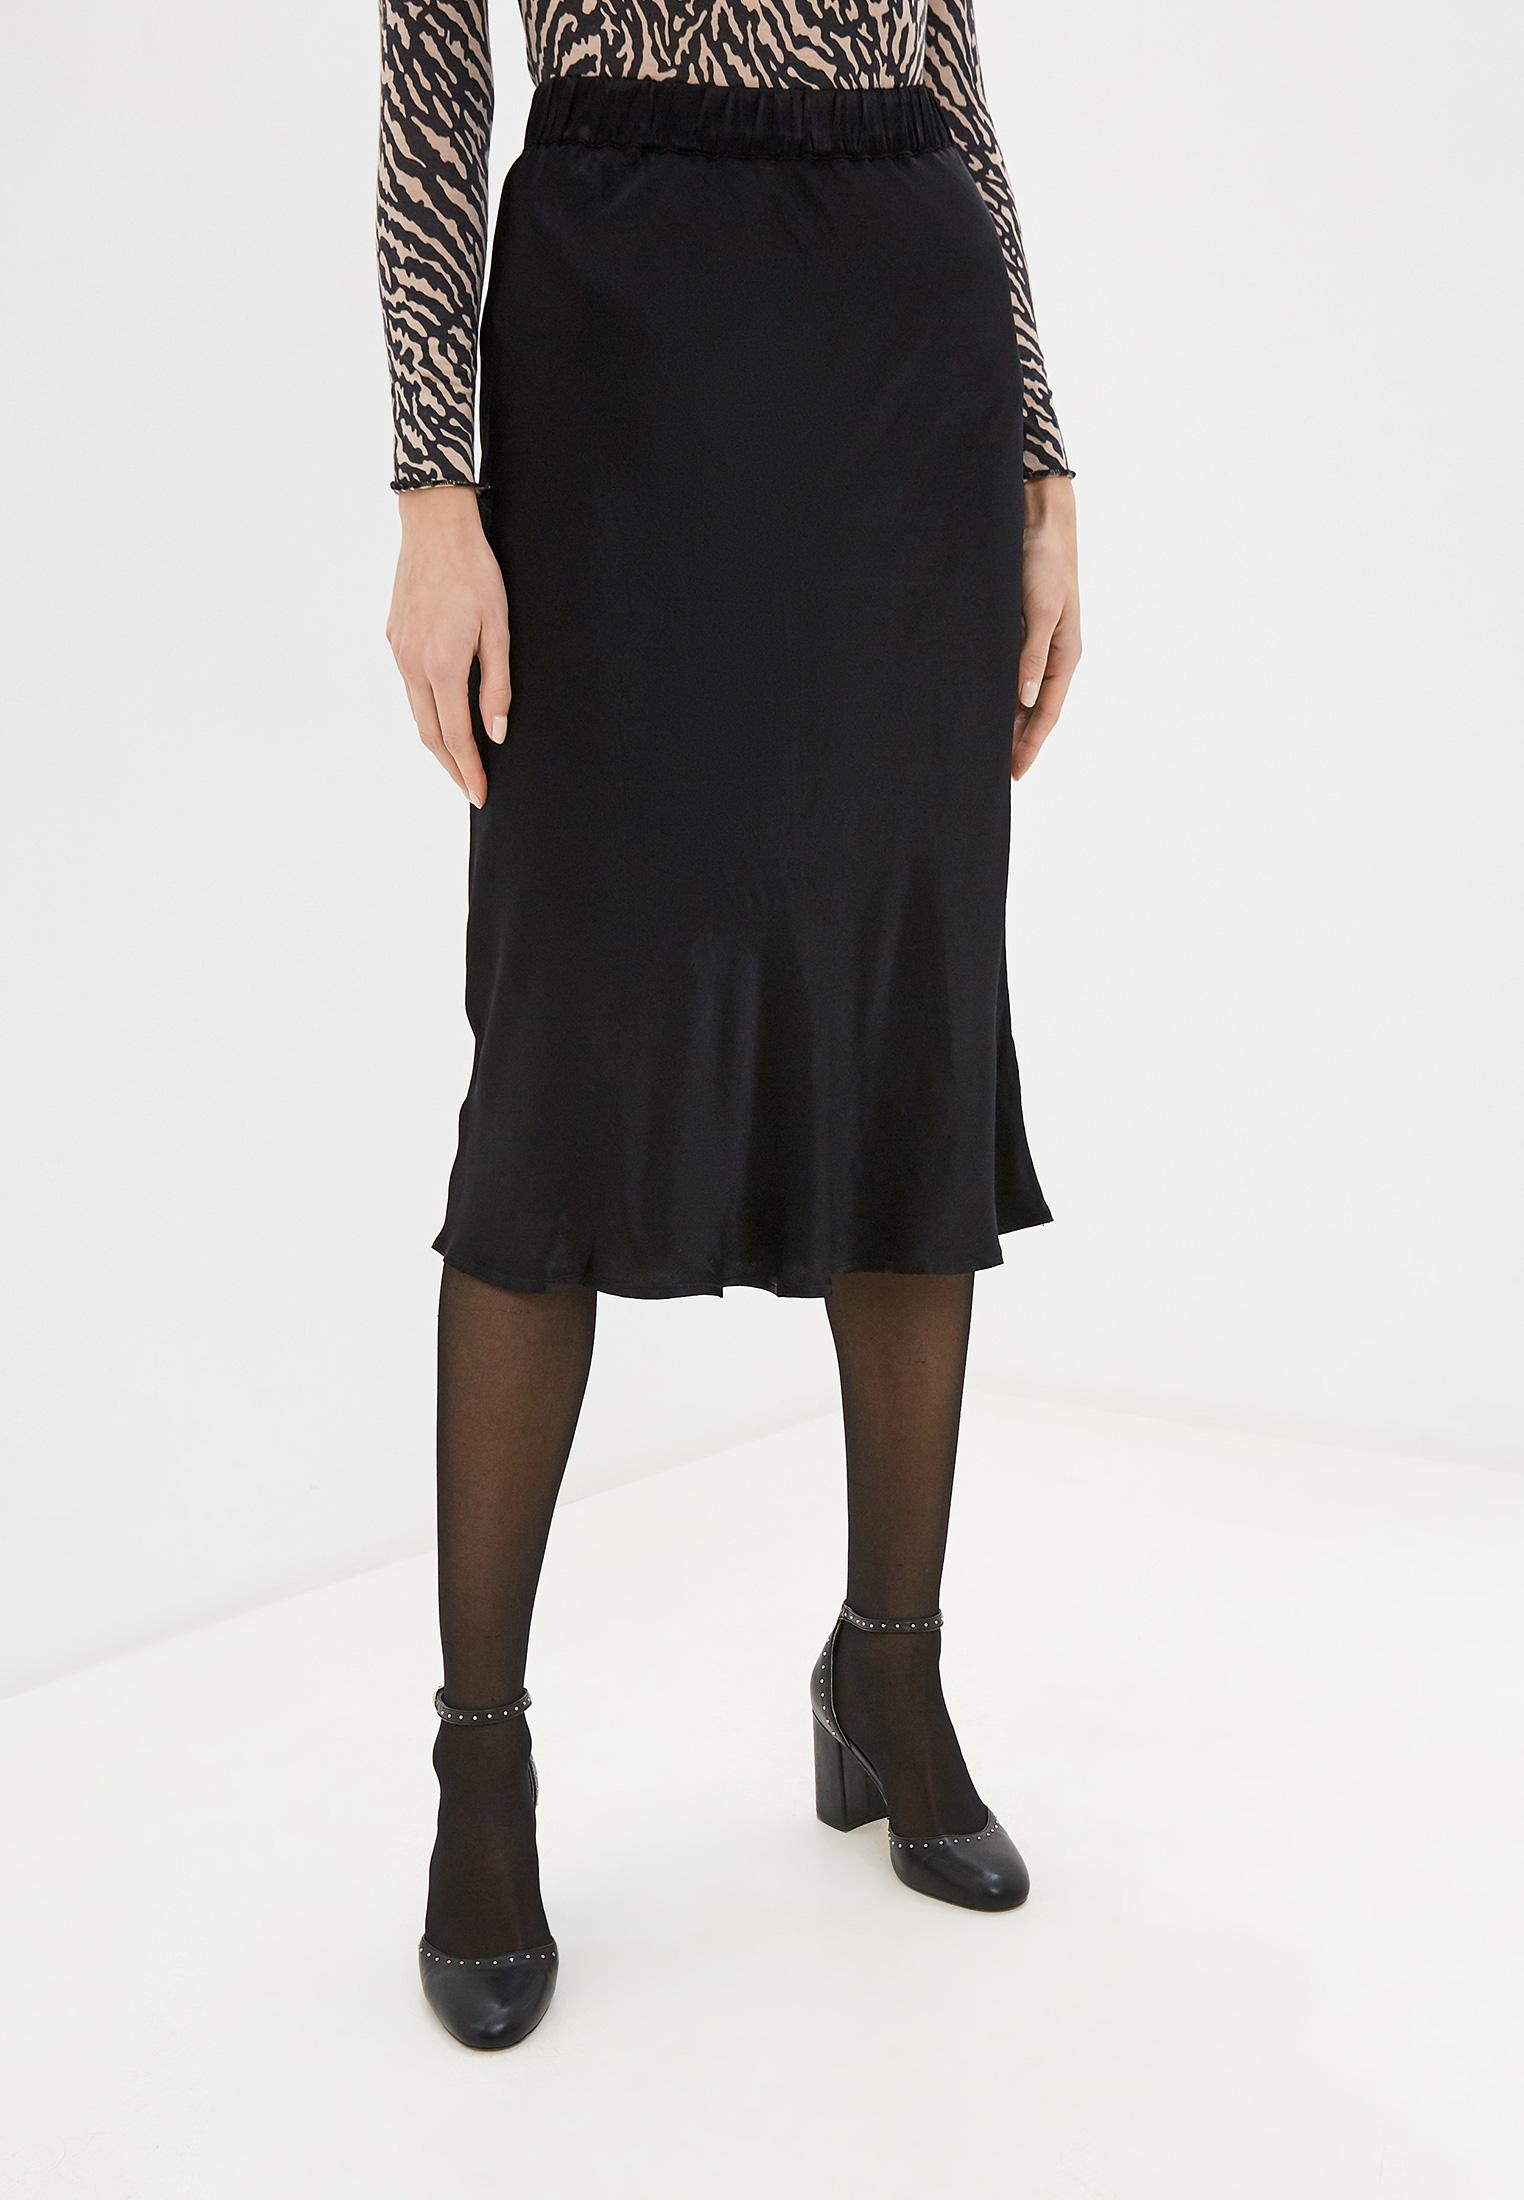 Узкая юбка Sparkz Copenhagen 93-01421-04-192